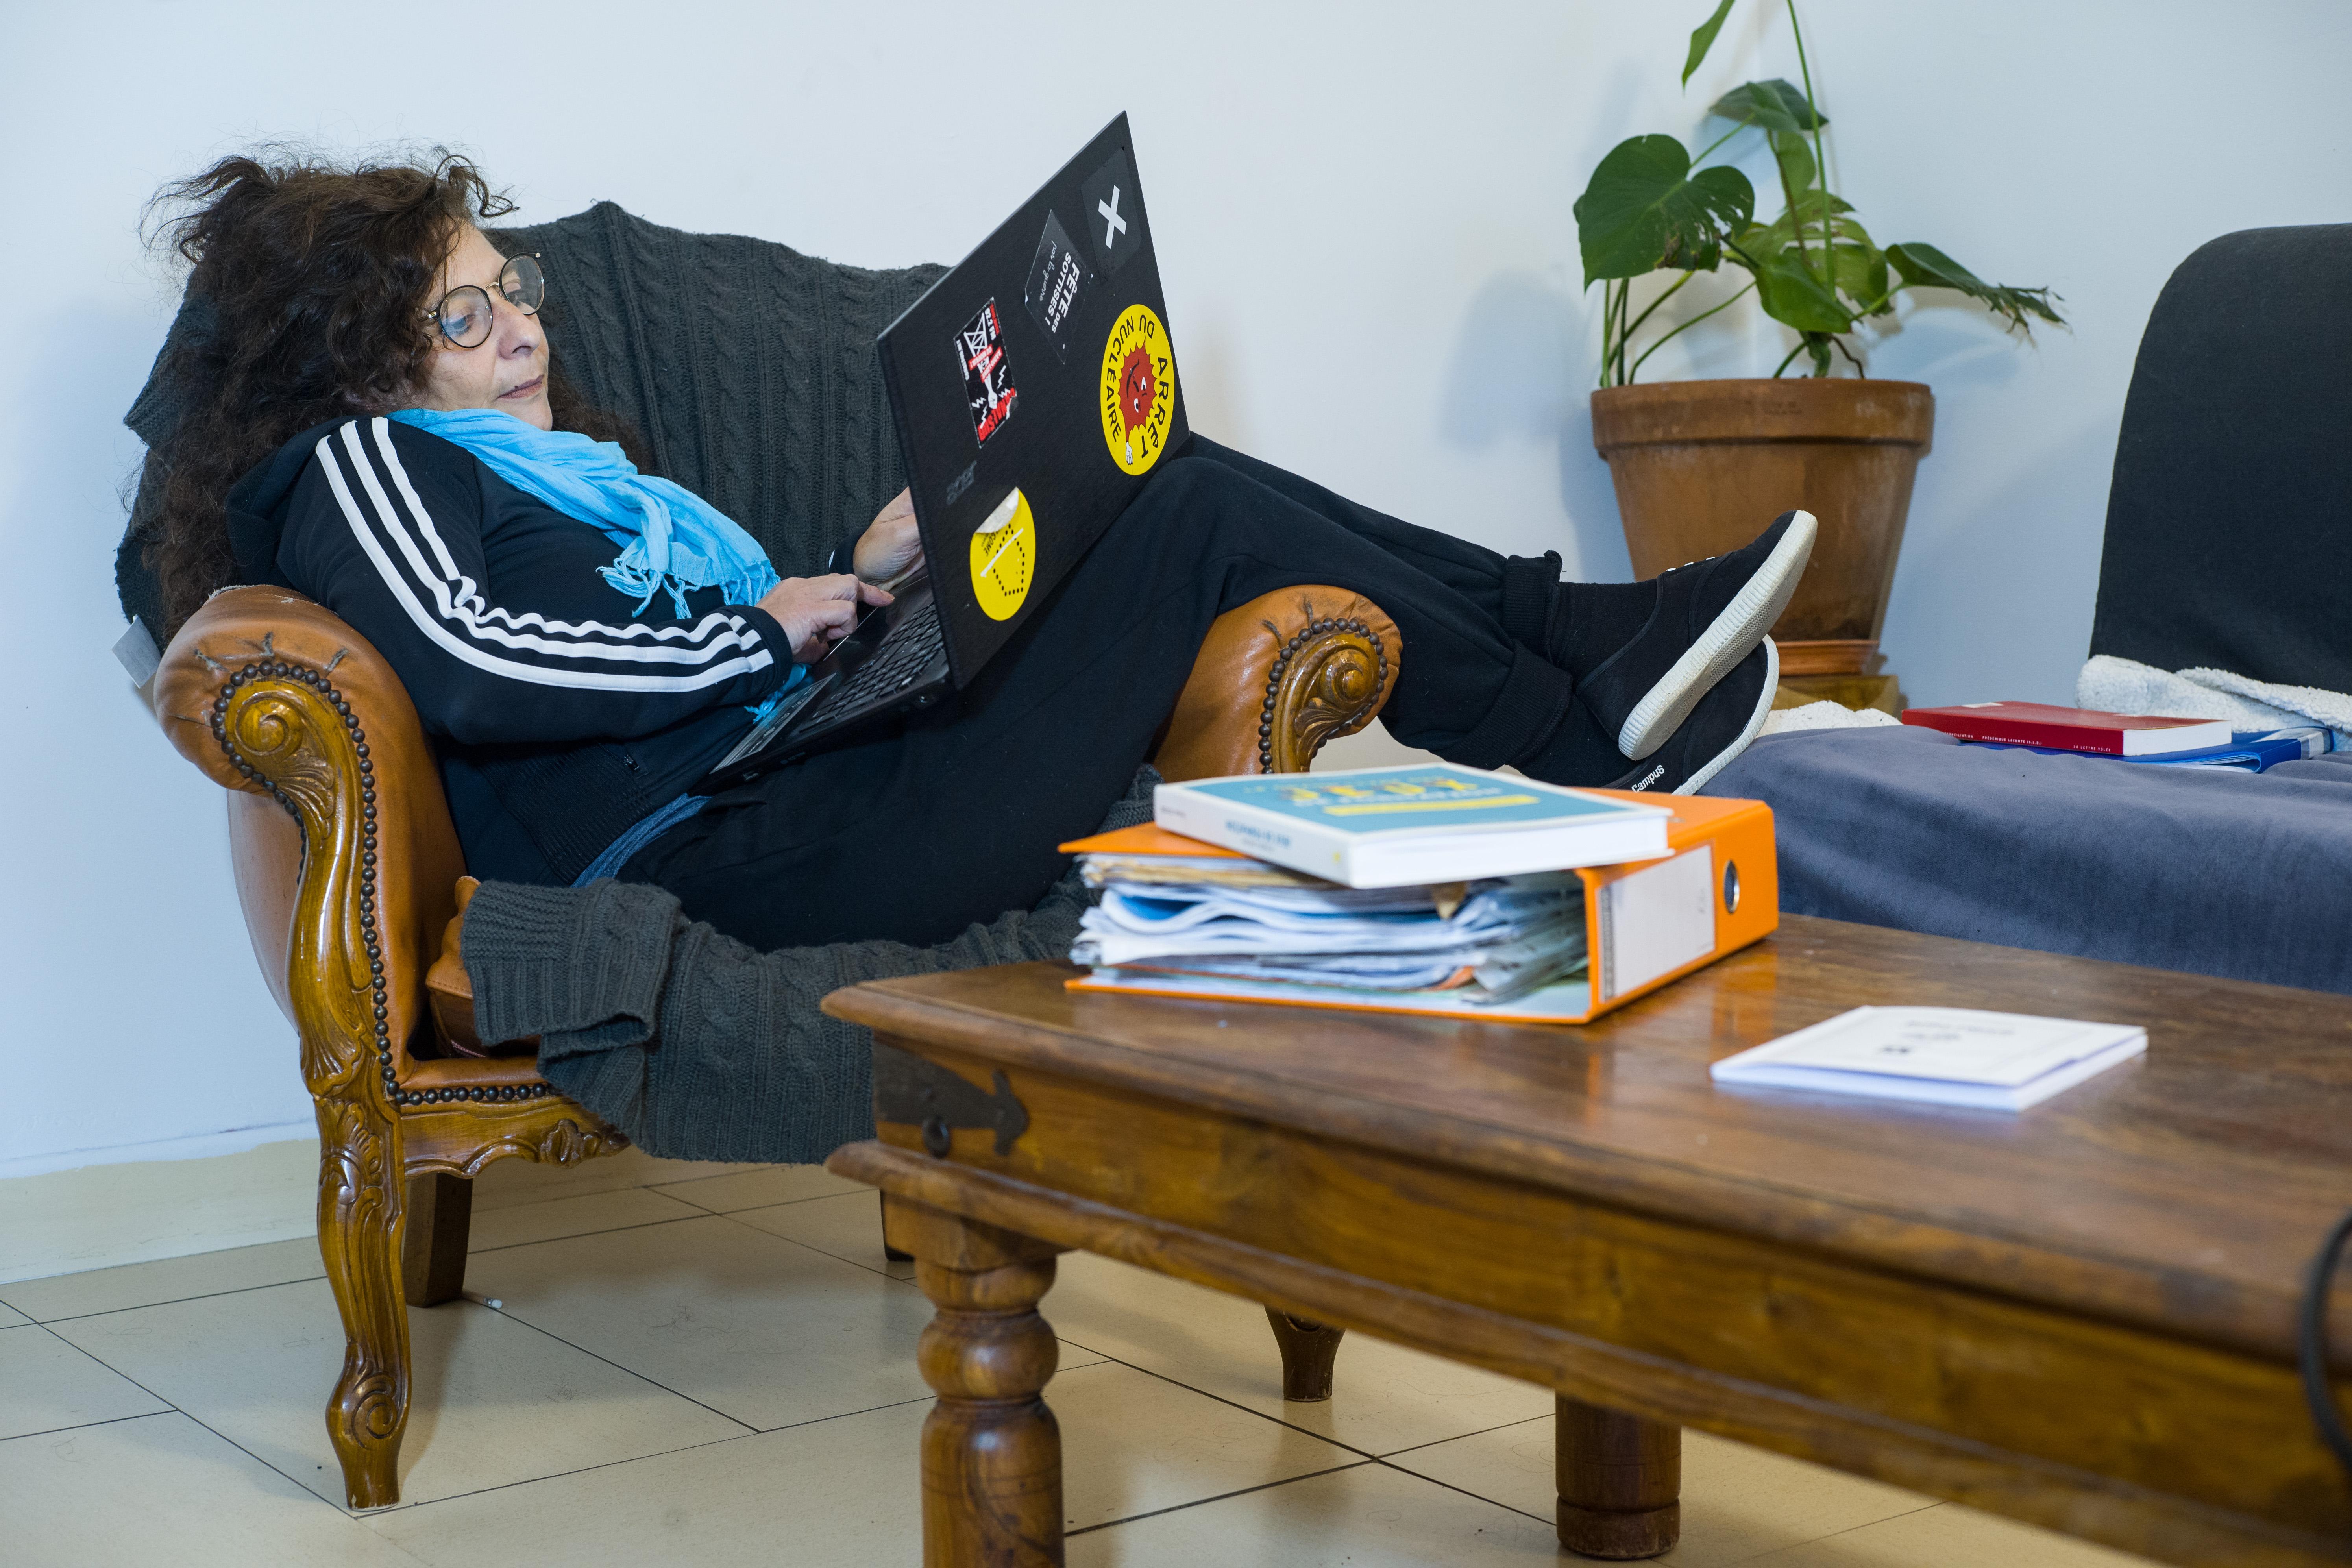 Decemberben majdnem minden hatodik munkavállaló otthonról dolgozott